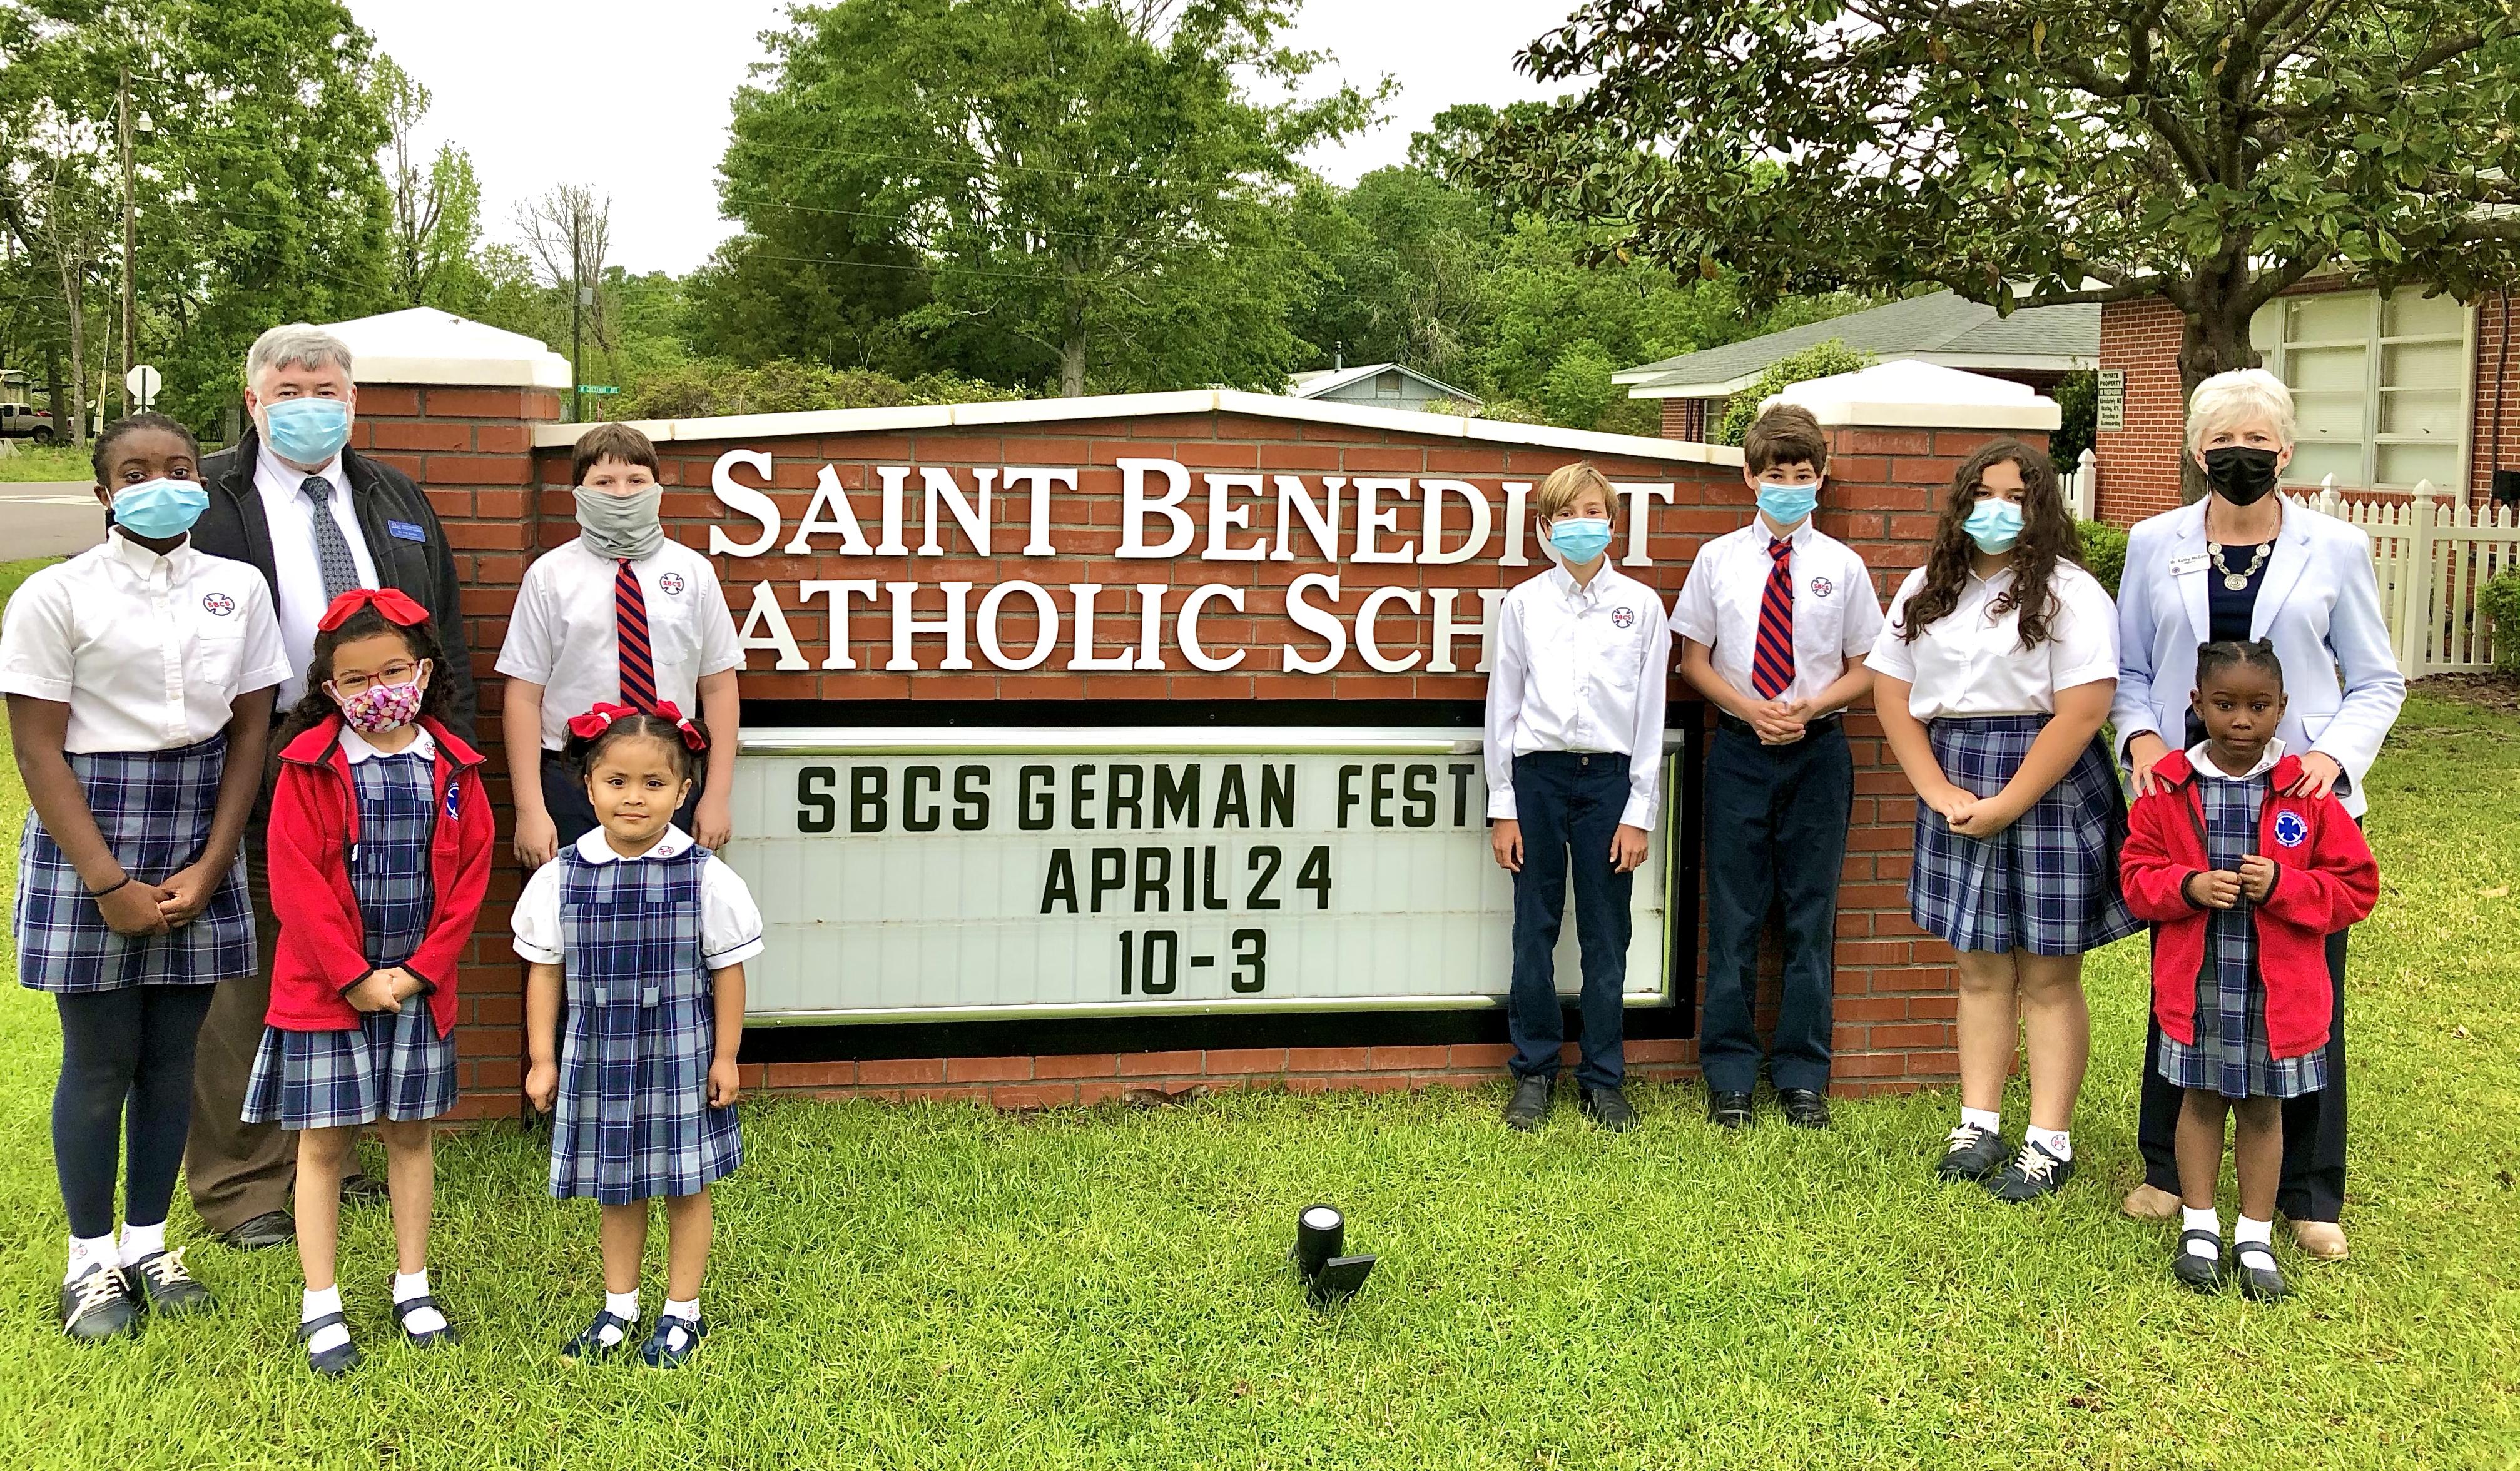 St. Benedict Catholic School